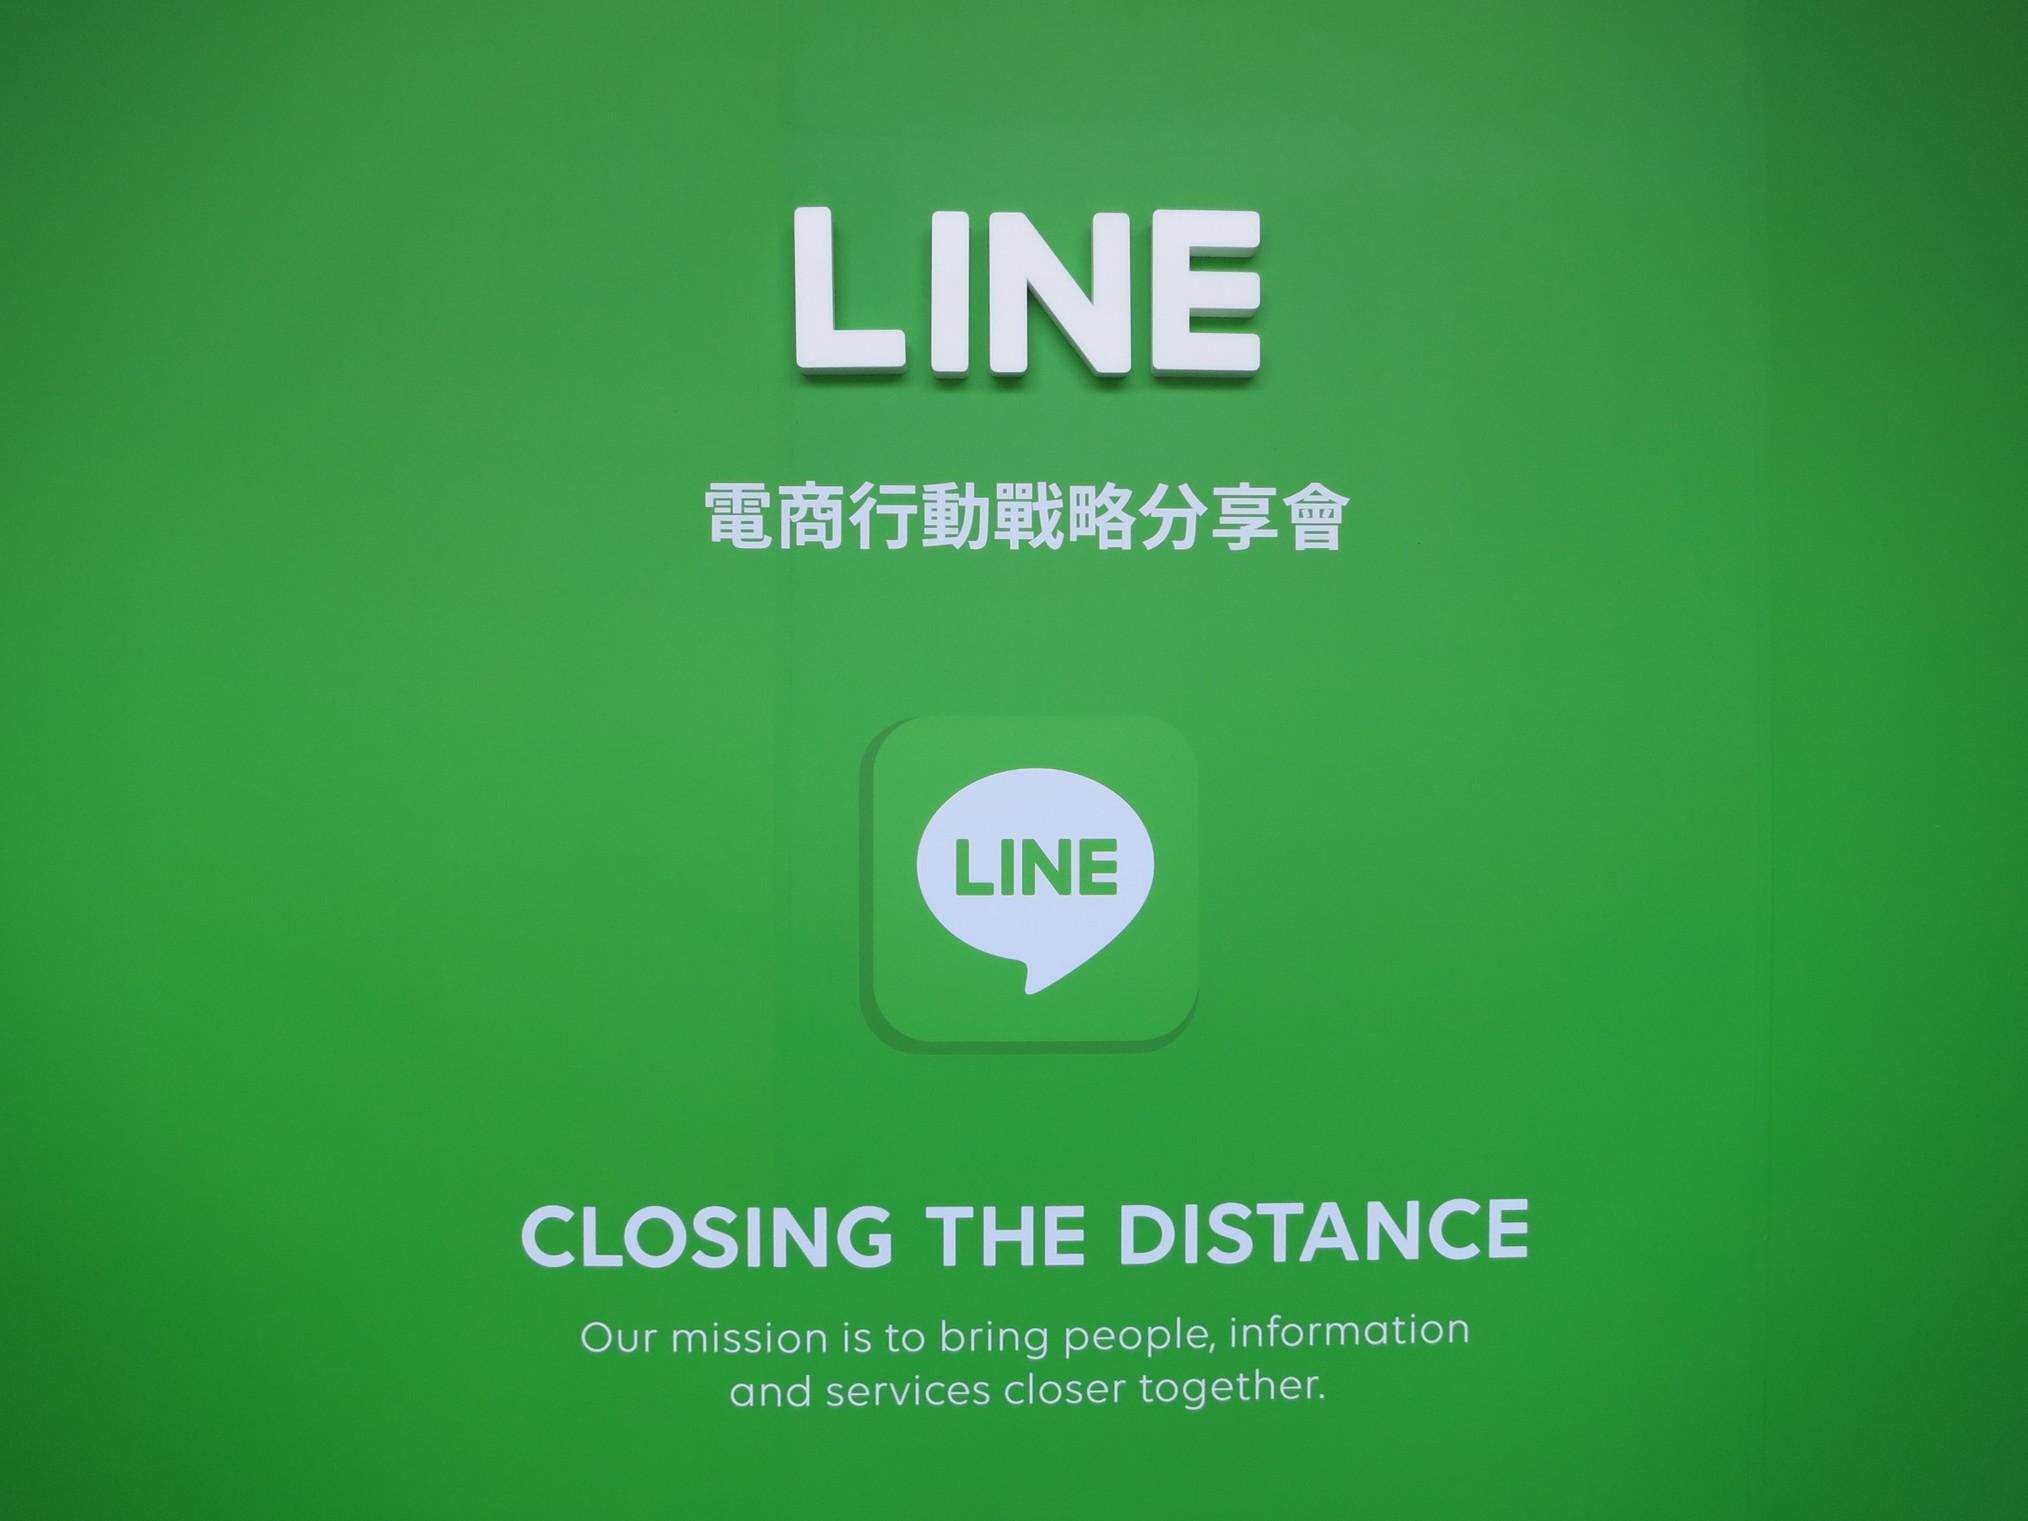 電商龍頭現身分享,經營LINE官方帳號3大準則